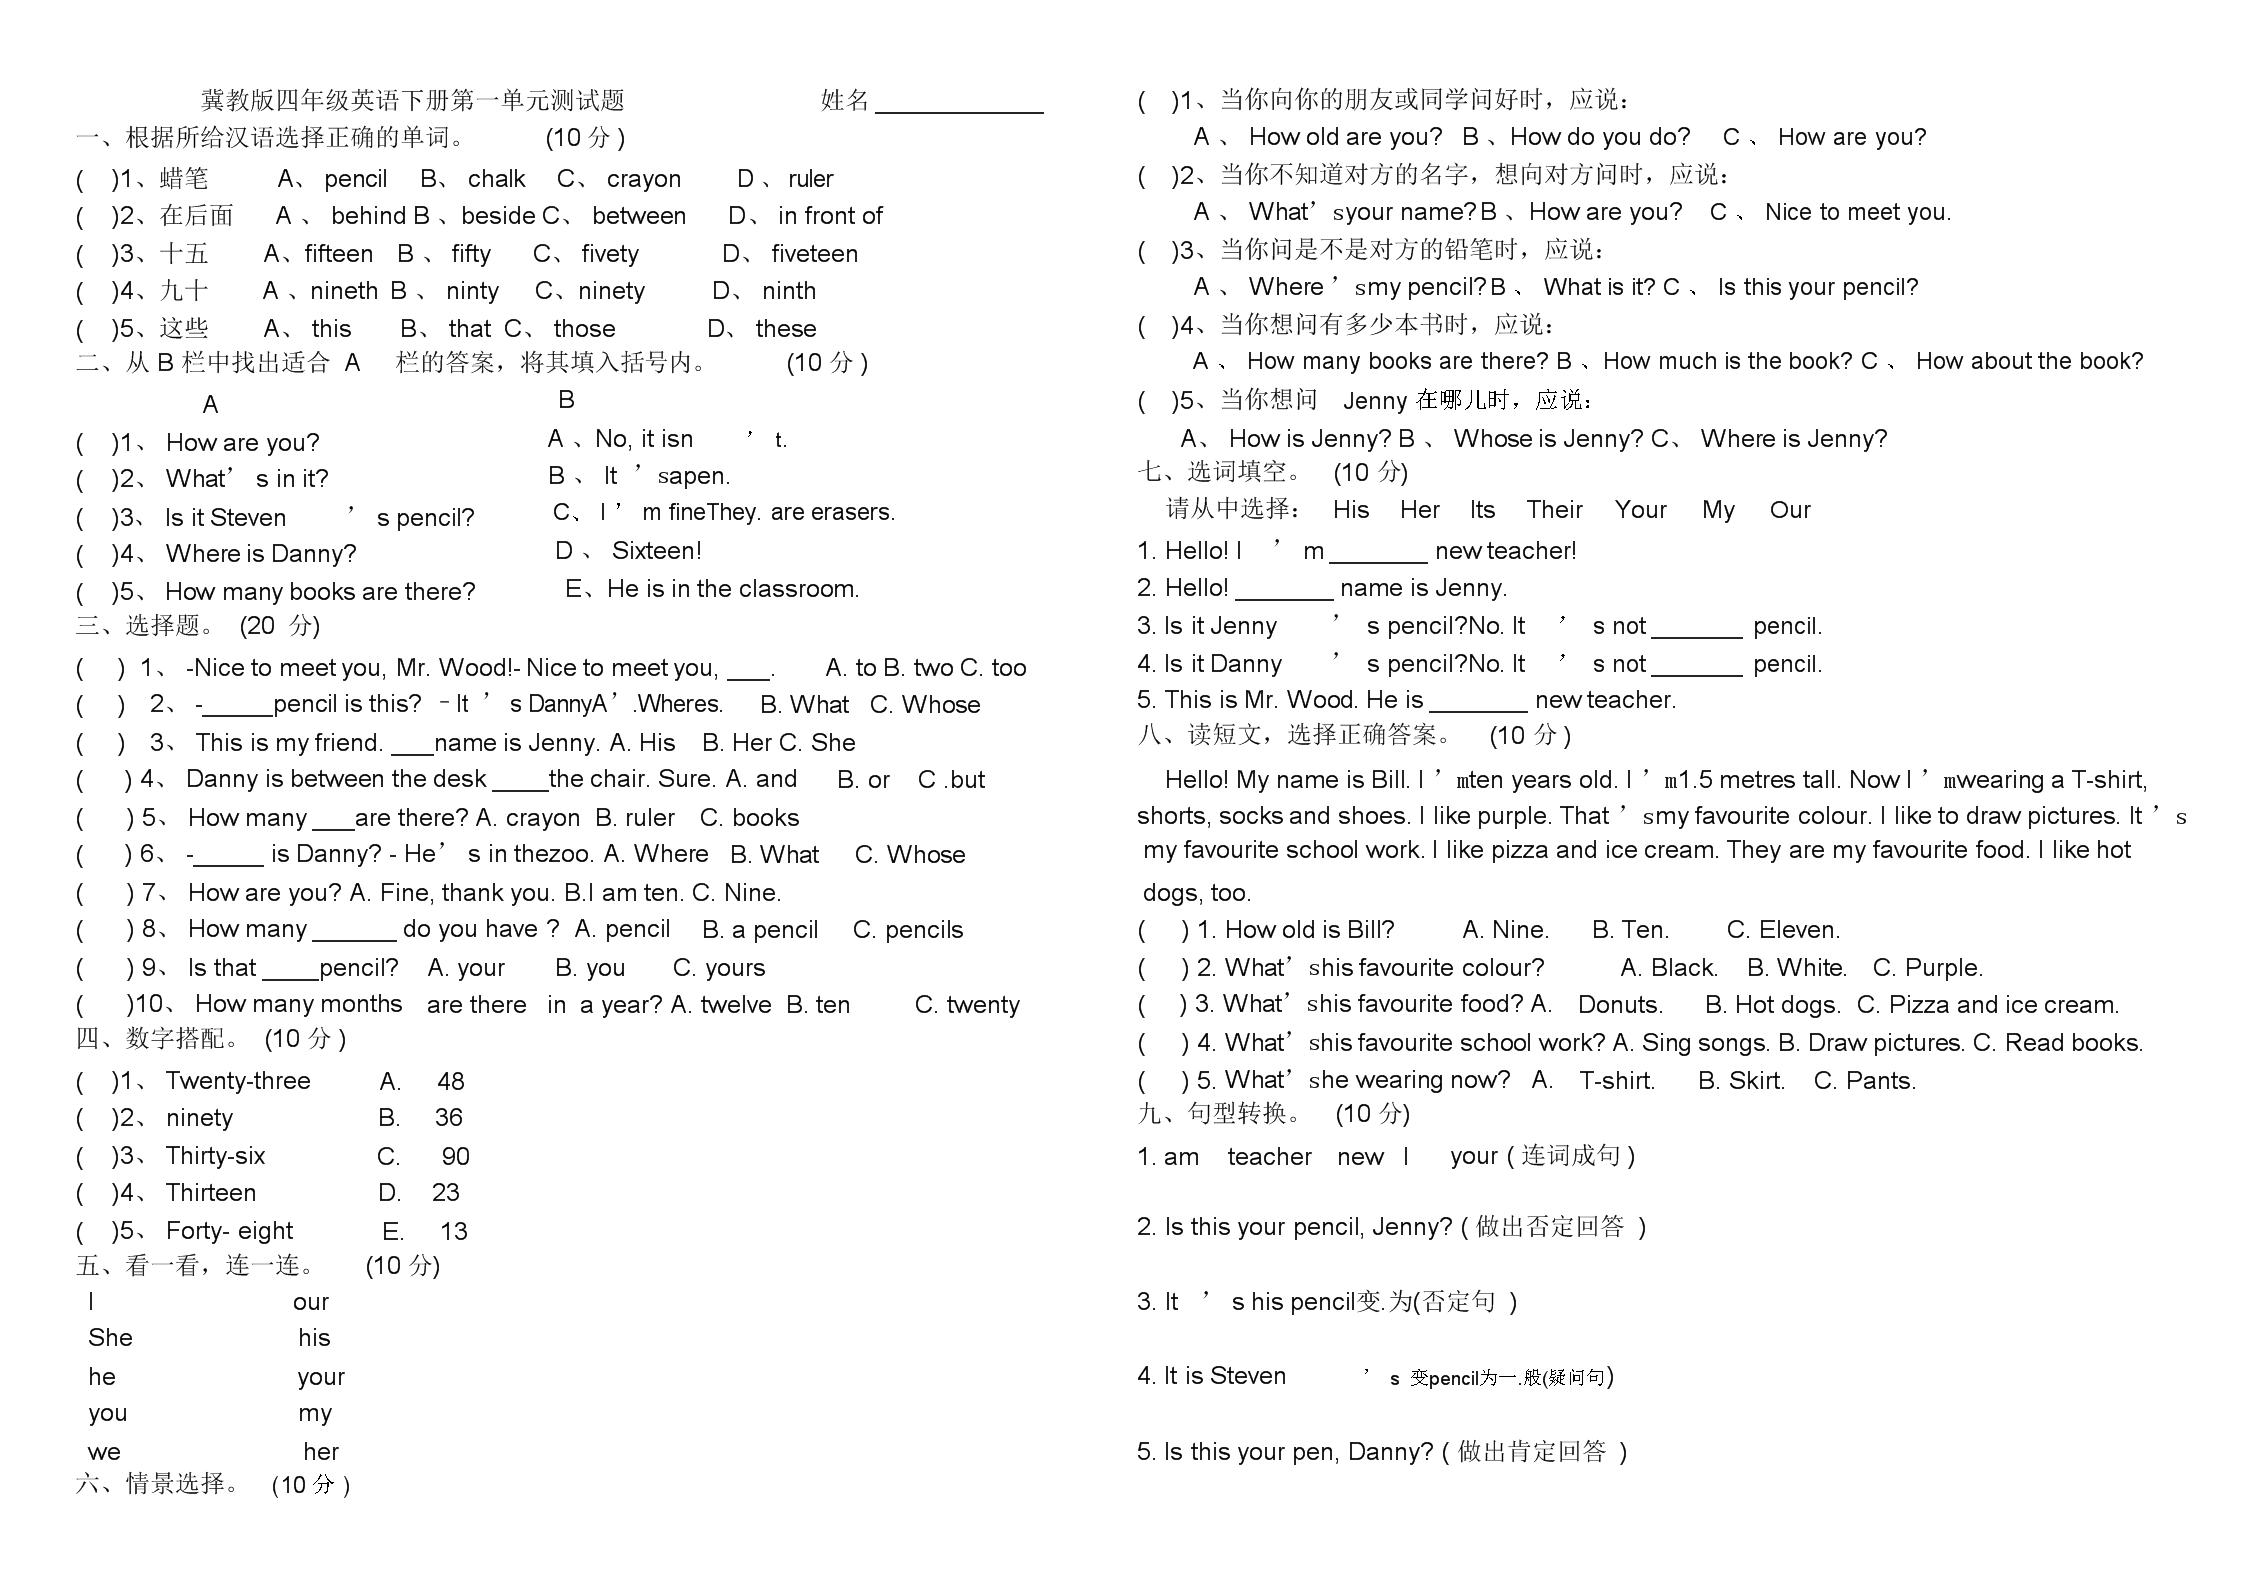 (完整)冀教版四年级英语下册Unit1测试题.doc